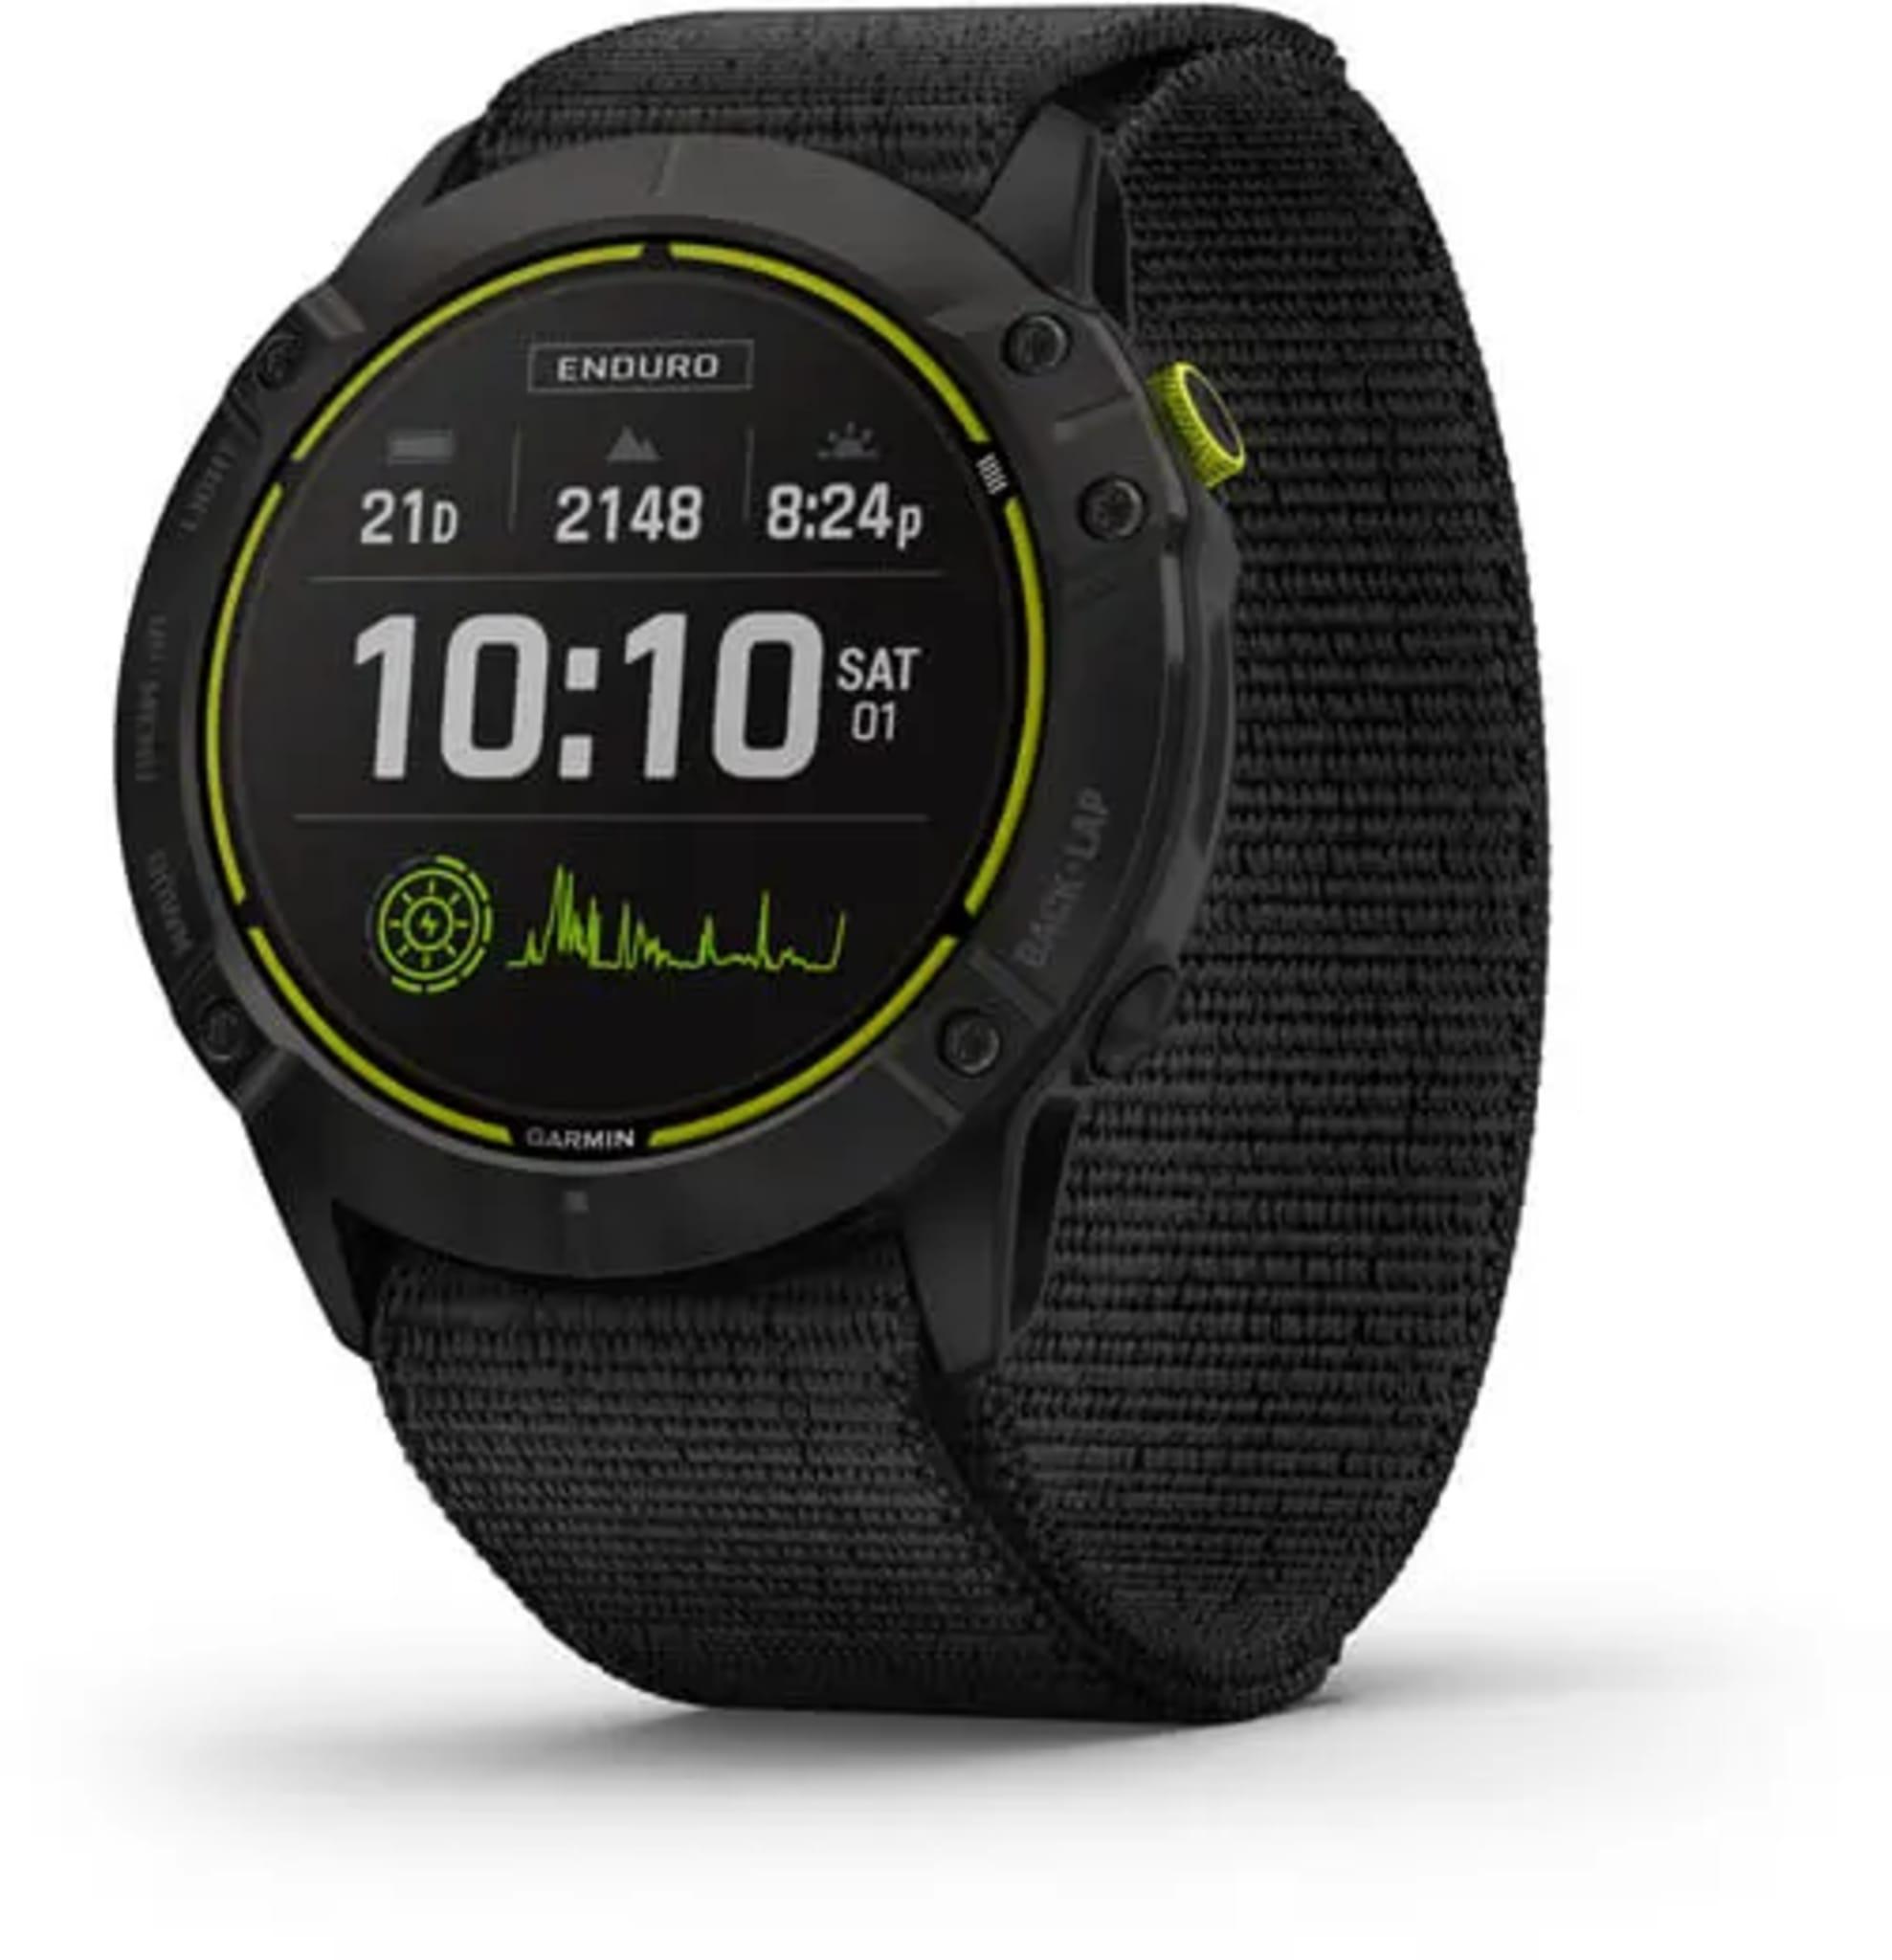 GPS-multisportklokken Enduro er designet for ultraløperen